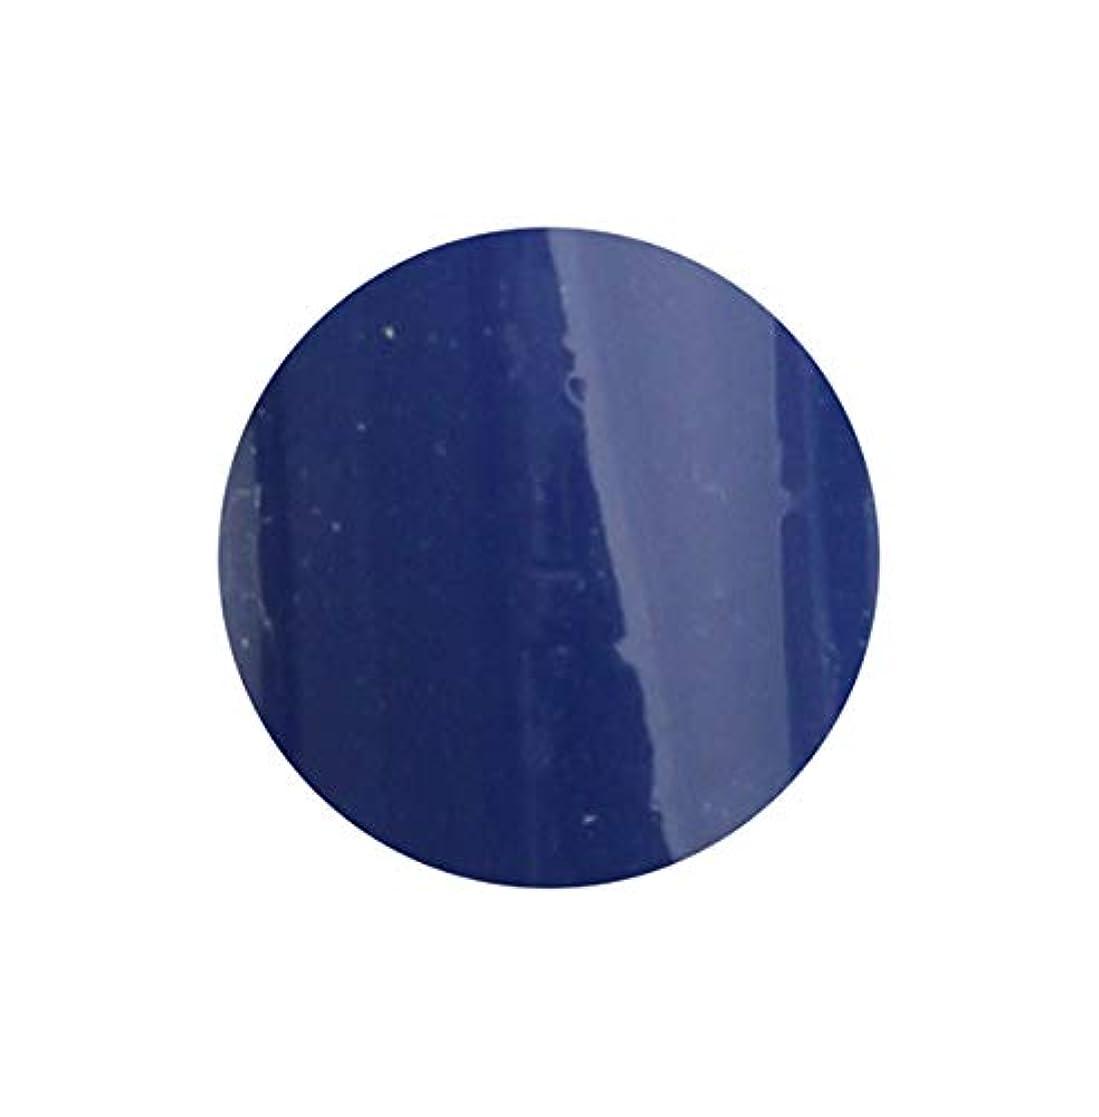 記憶に残る退化するダイアクリティカルSHAREYDVA シャレドワ+ ネイルカラー No.34 ロイヤルブルー